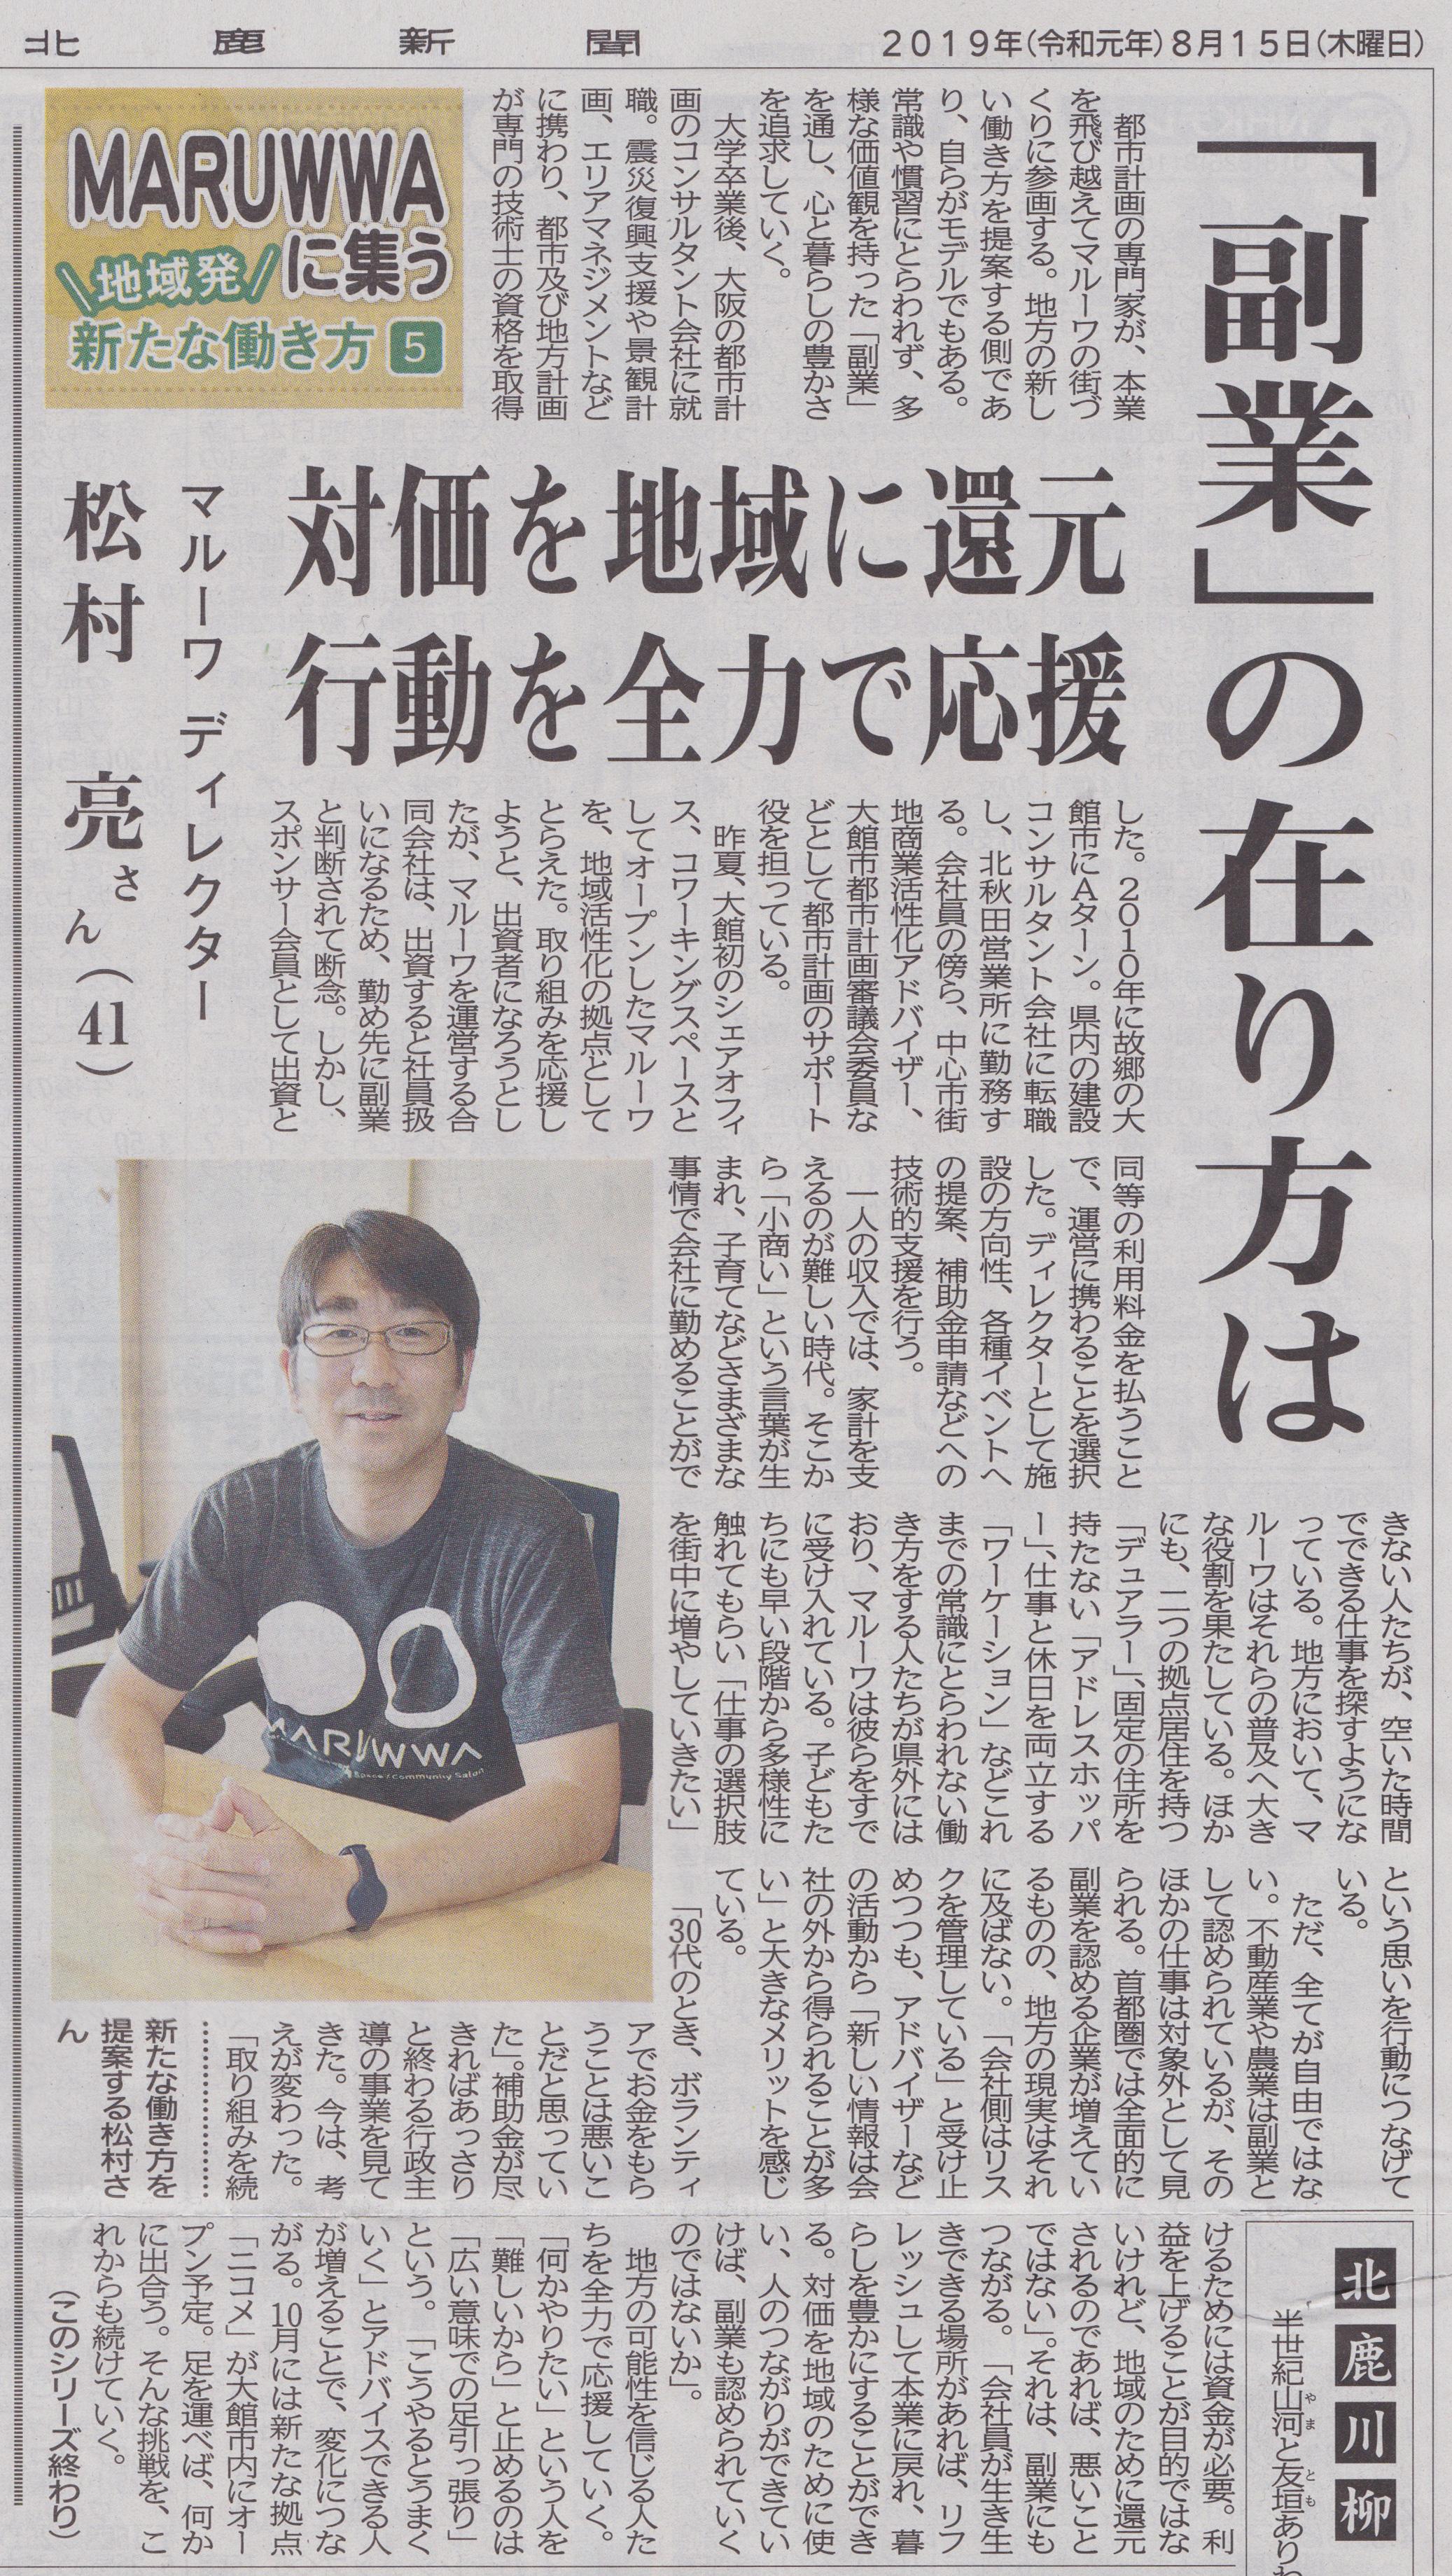 北鹿新聞「MARUWWAに集う 地域発 新たな働き方」5